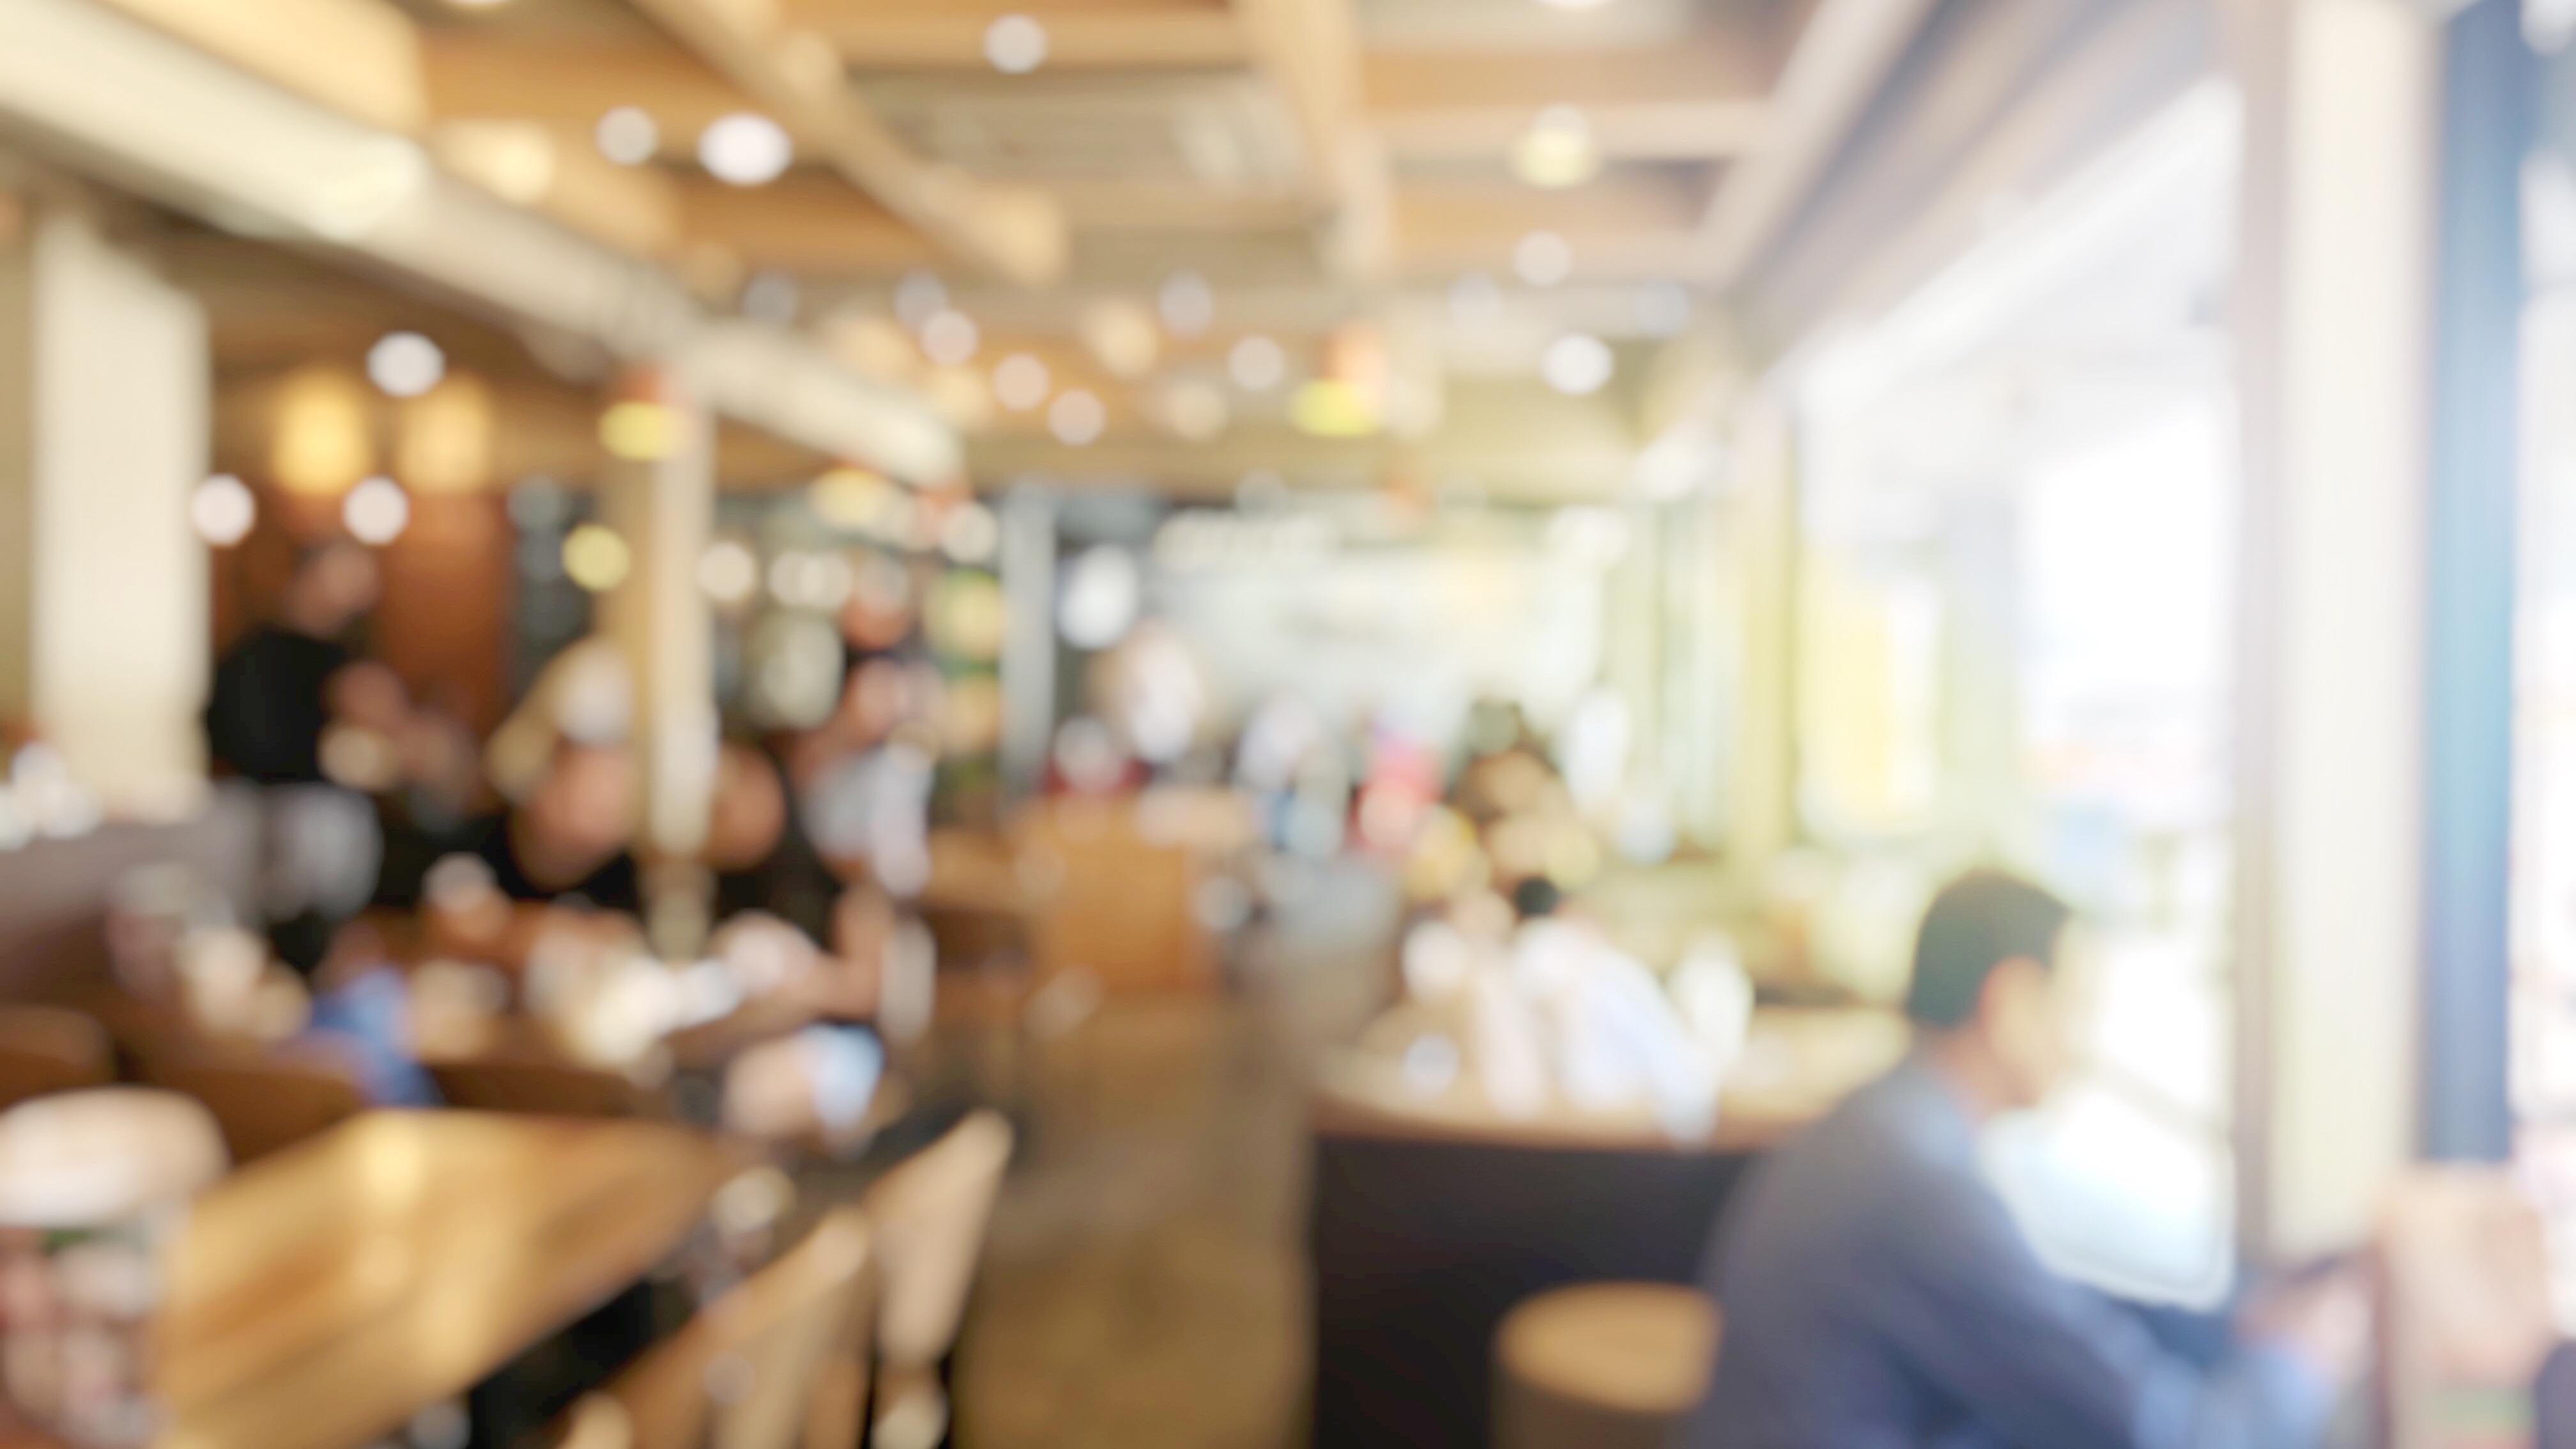 Ny lag 1 juli 2020 för smittskyddsåtgärder på serveringsställen